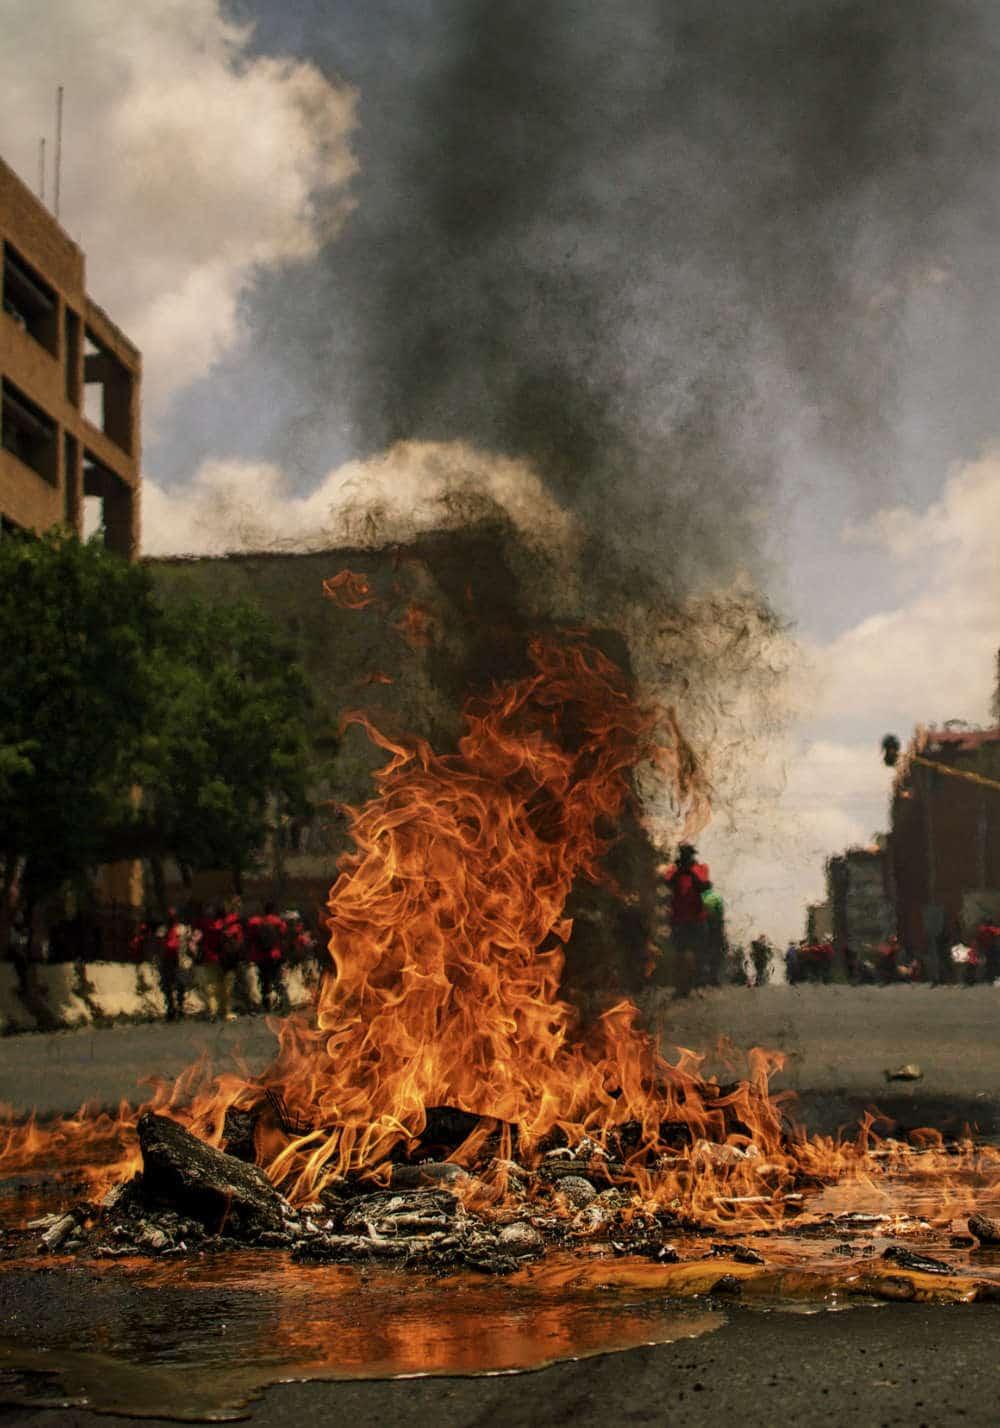 Feuer auf Straße